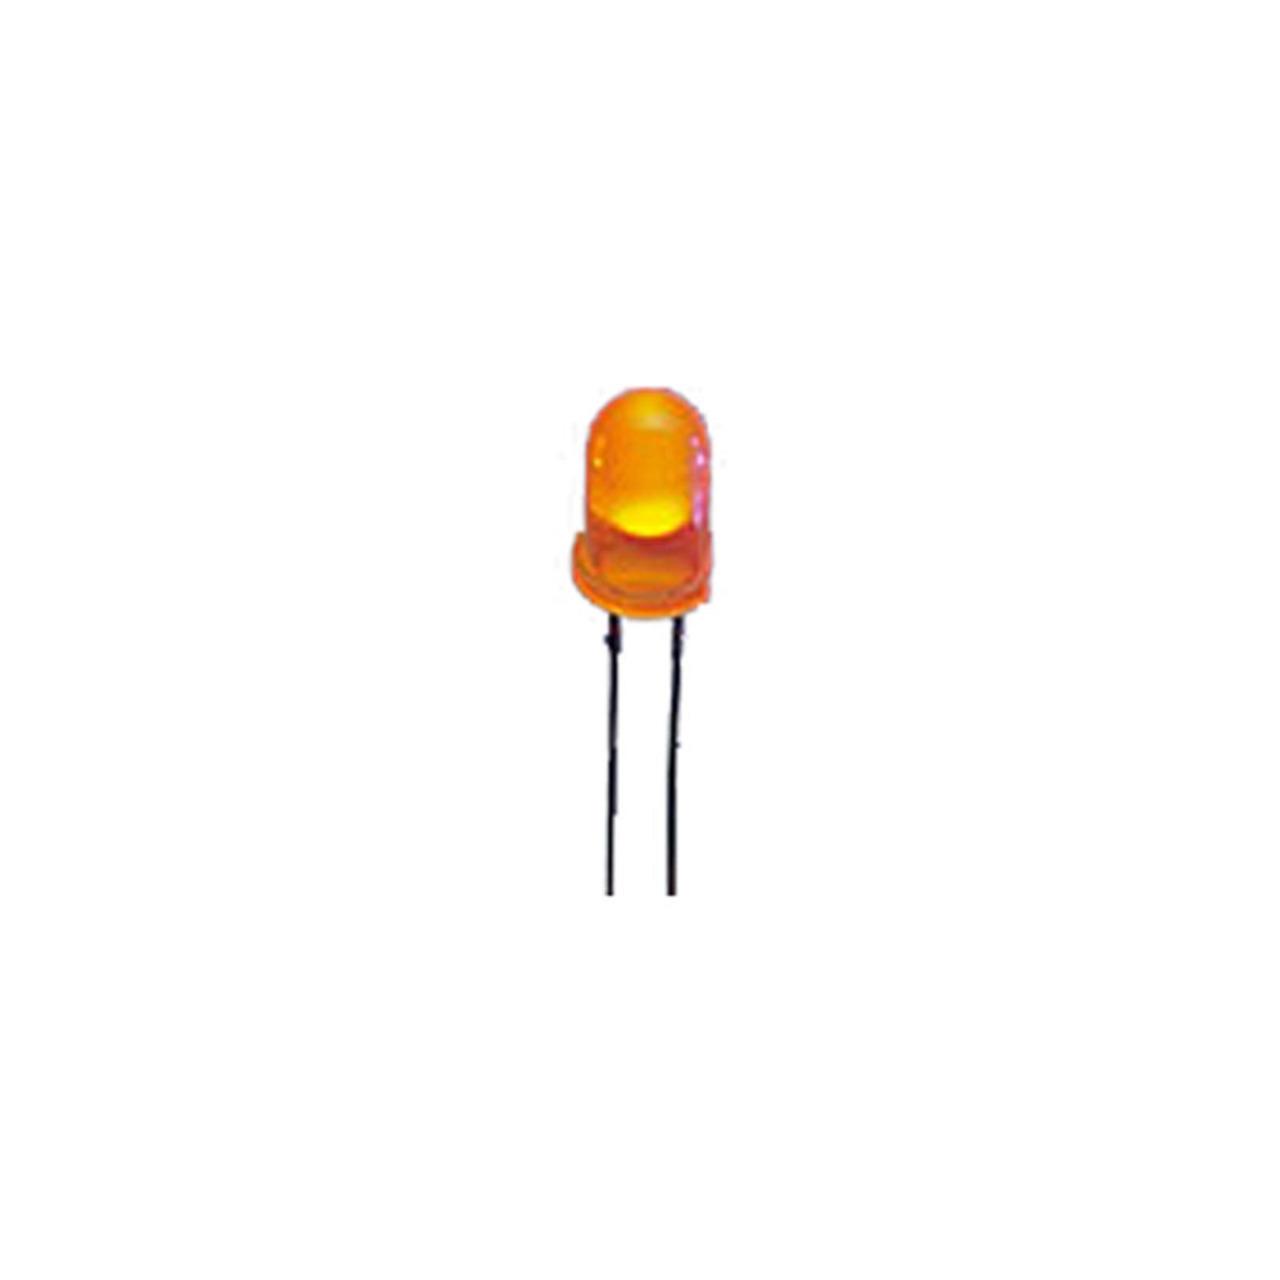 Image of 10x LED 5 mm, Orange